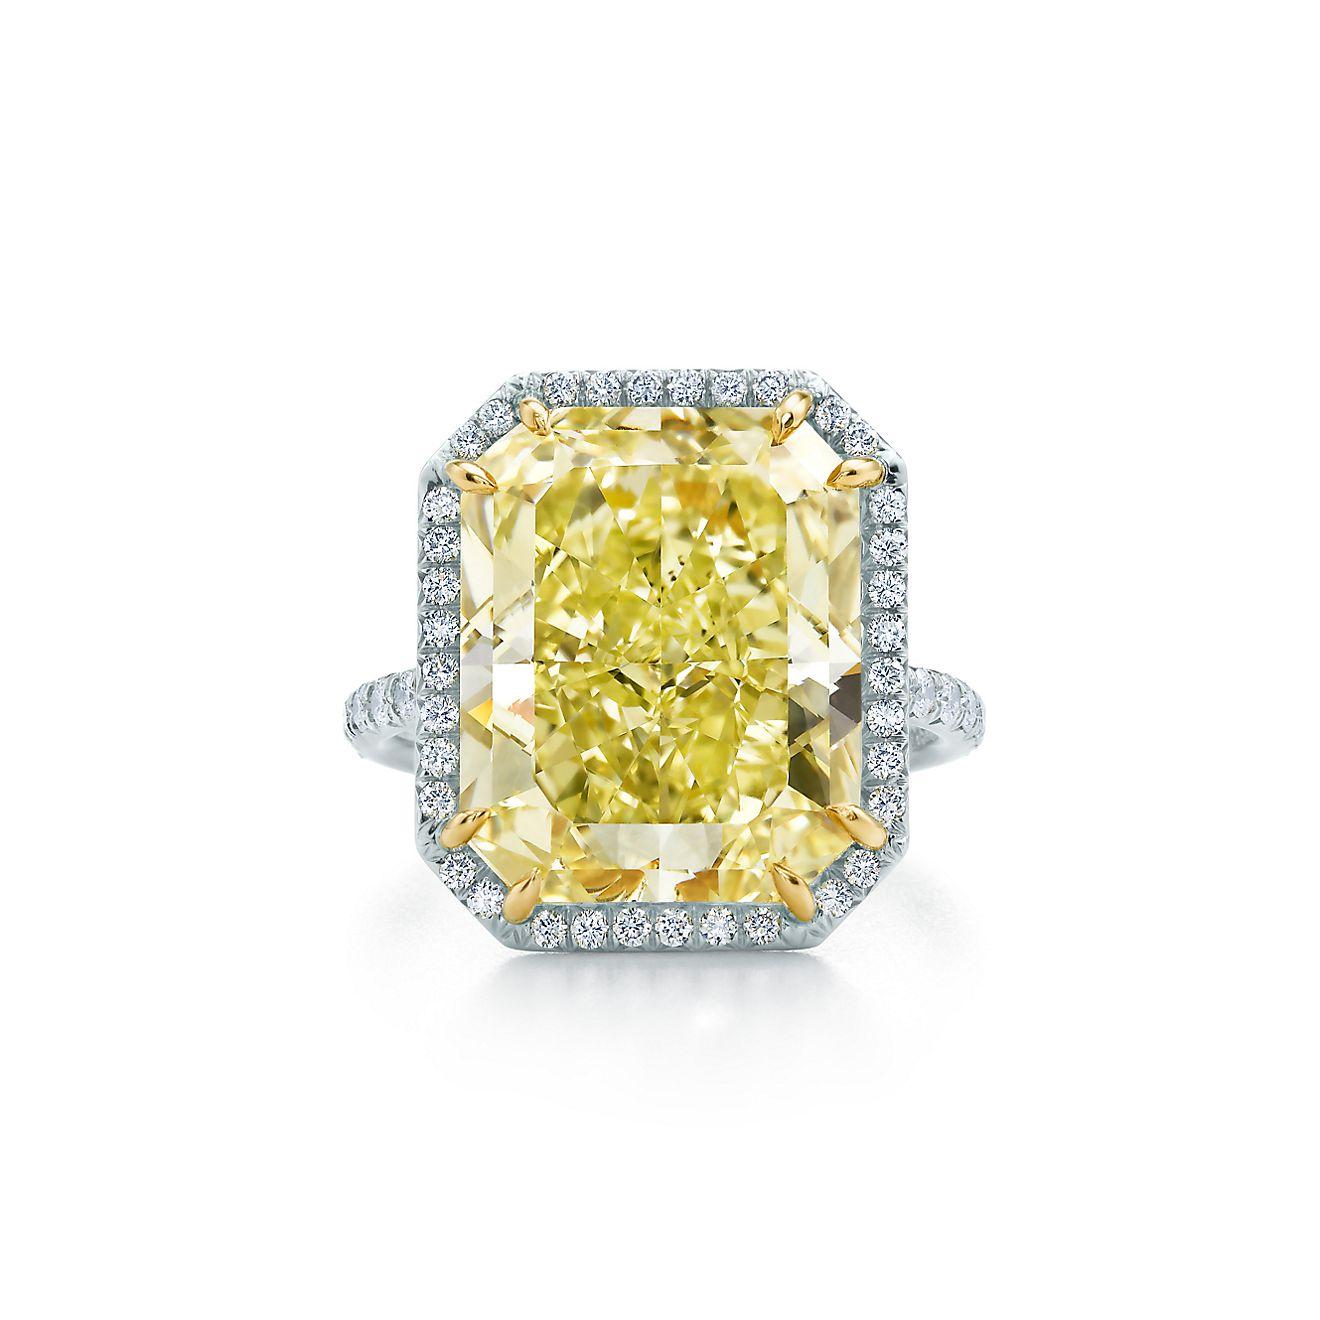 Fancy intense yellow diamond ring tiffany yellow diamonds unleash a